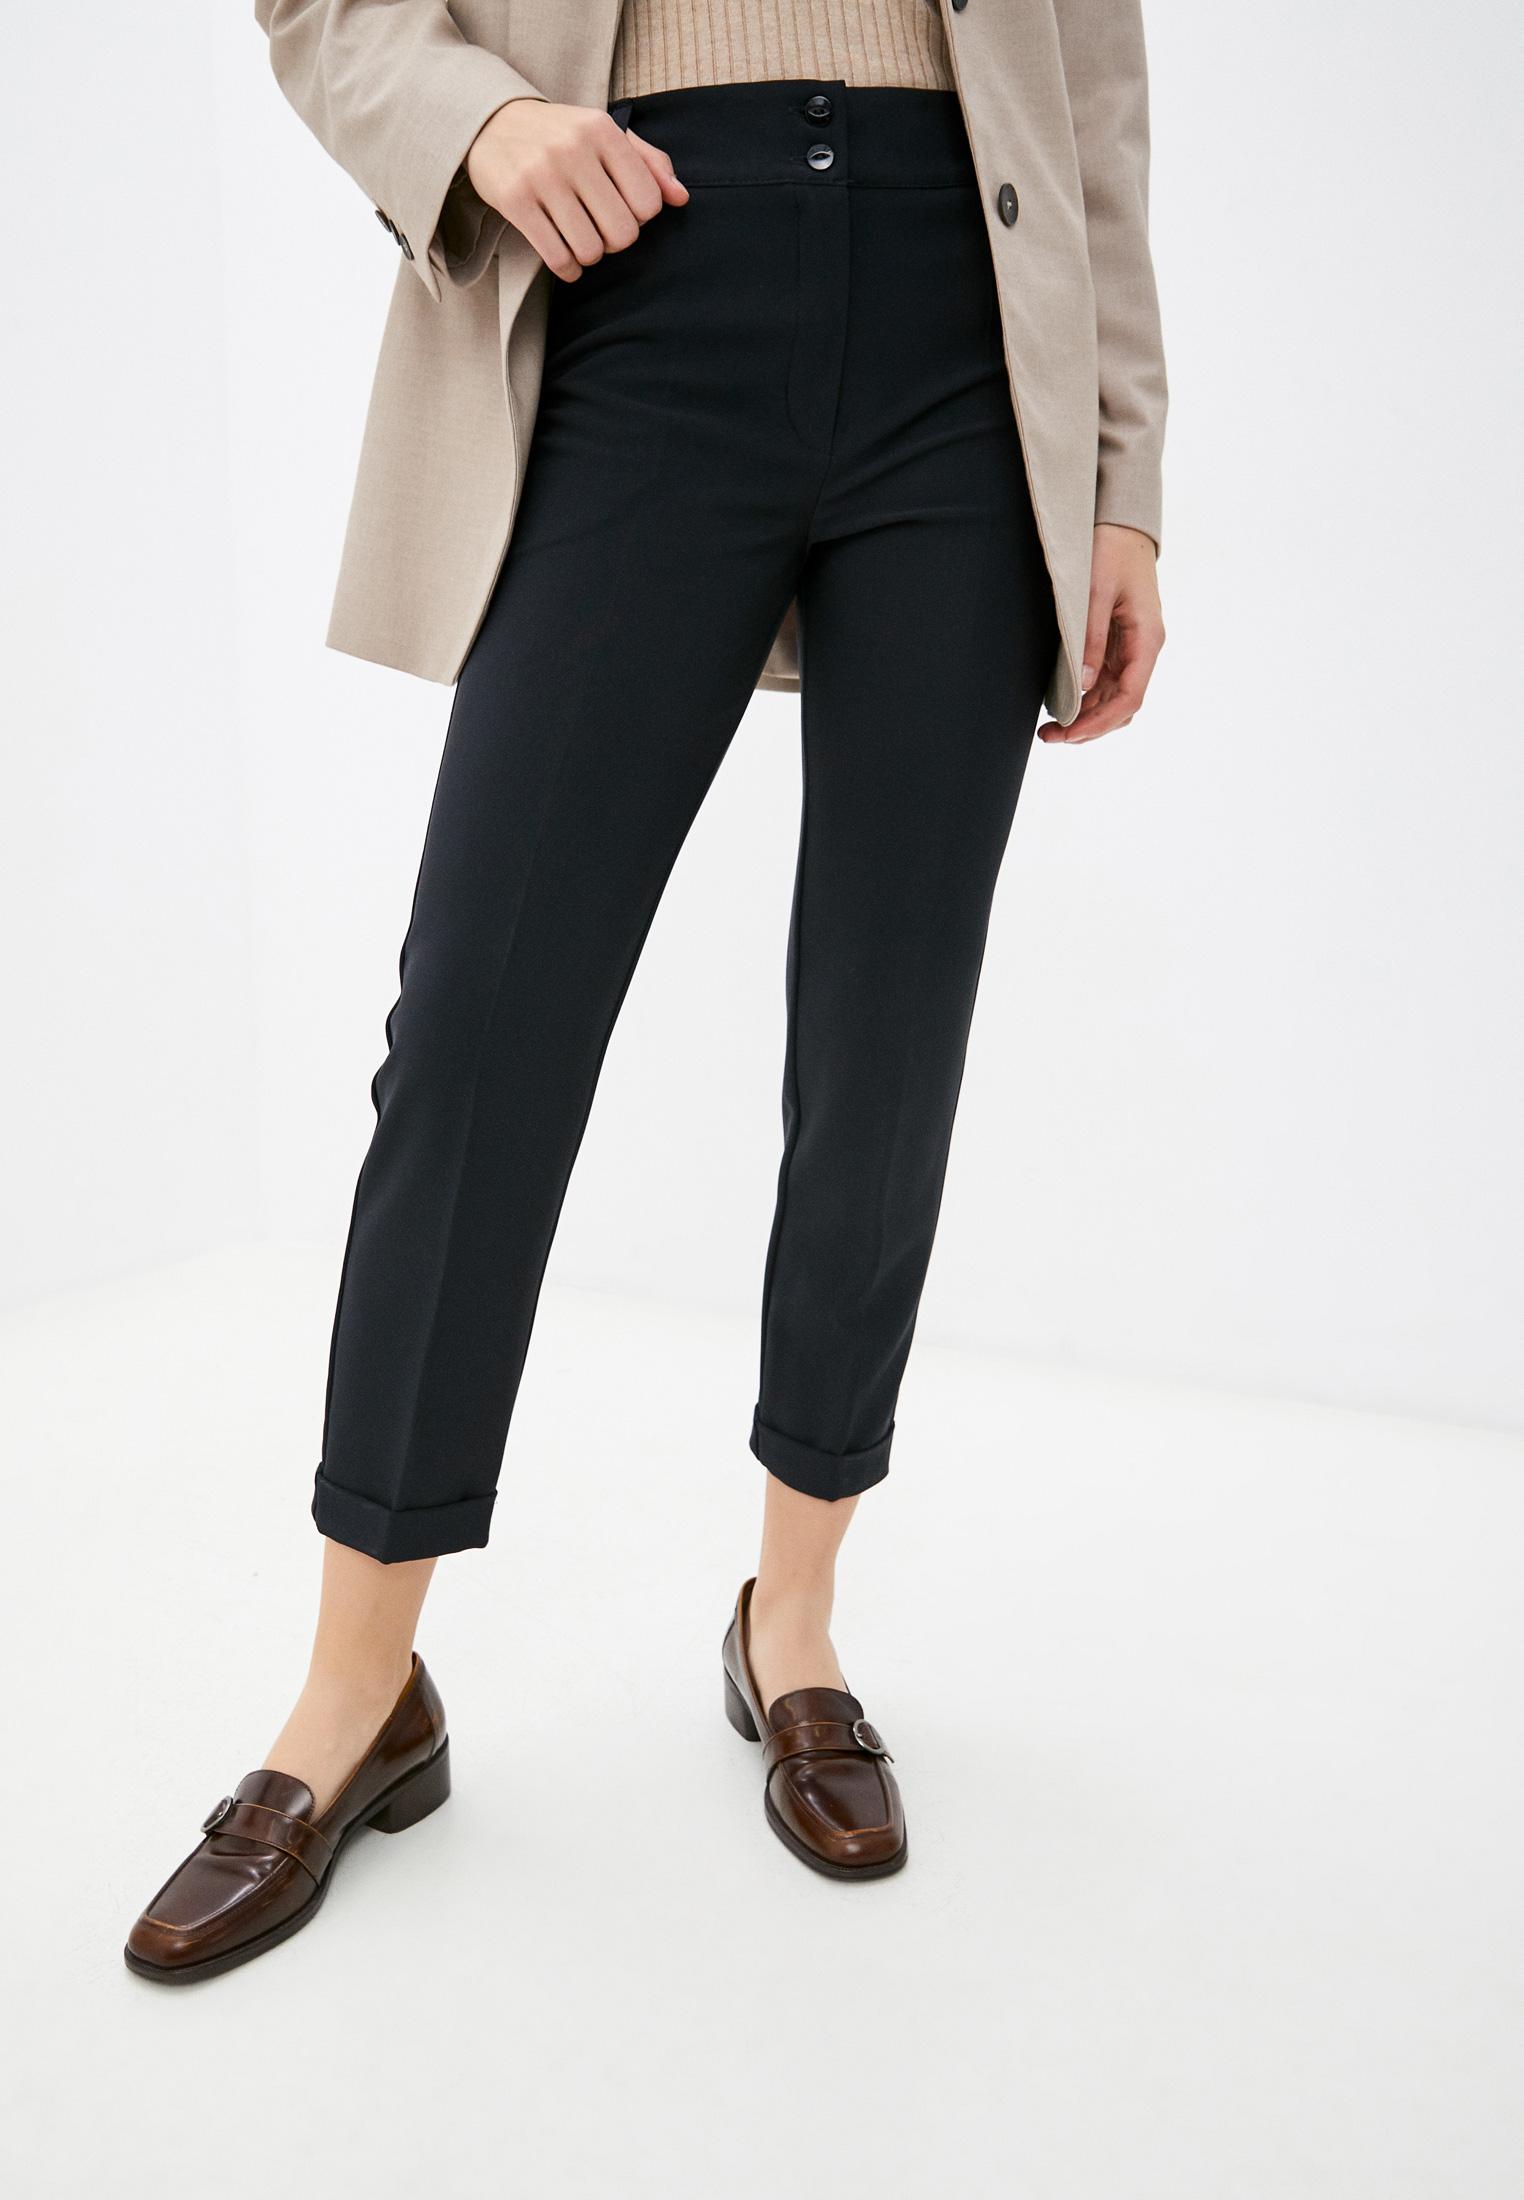 Женские классические брюки Rene Santi Брюки Rene Santi